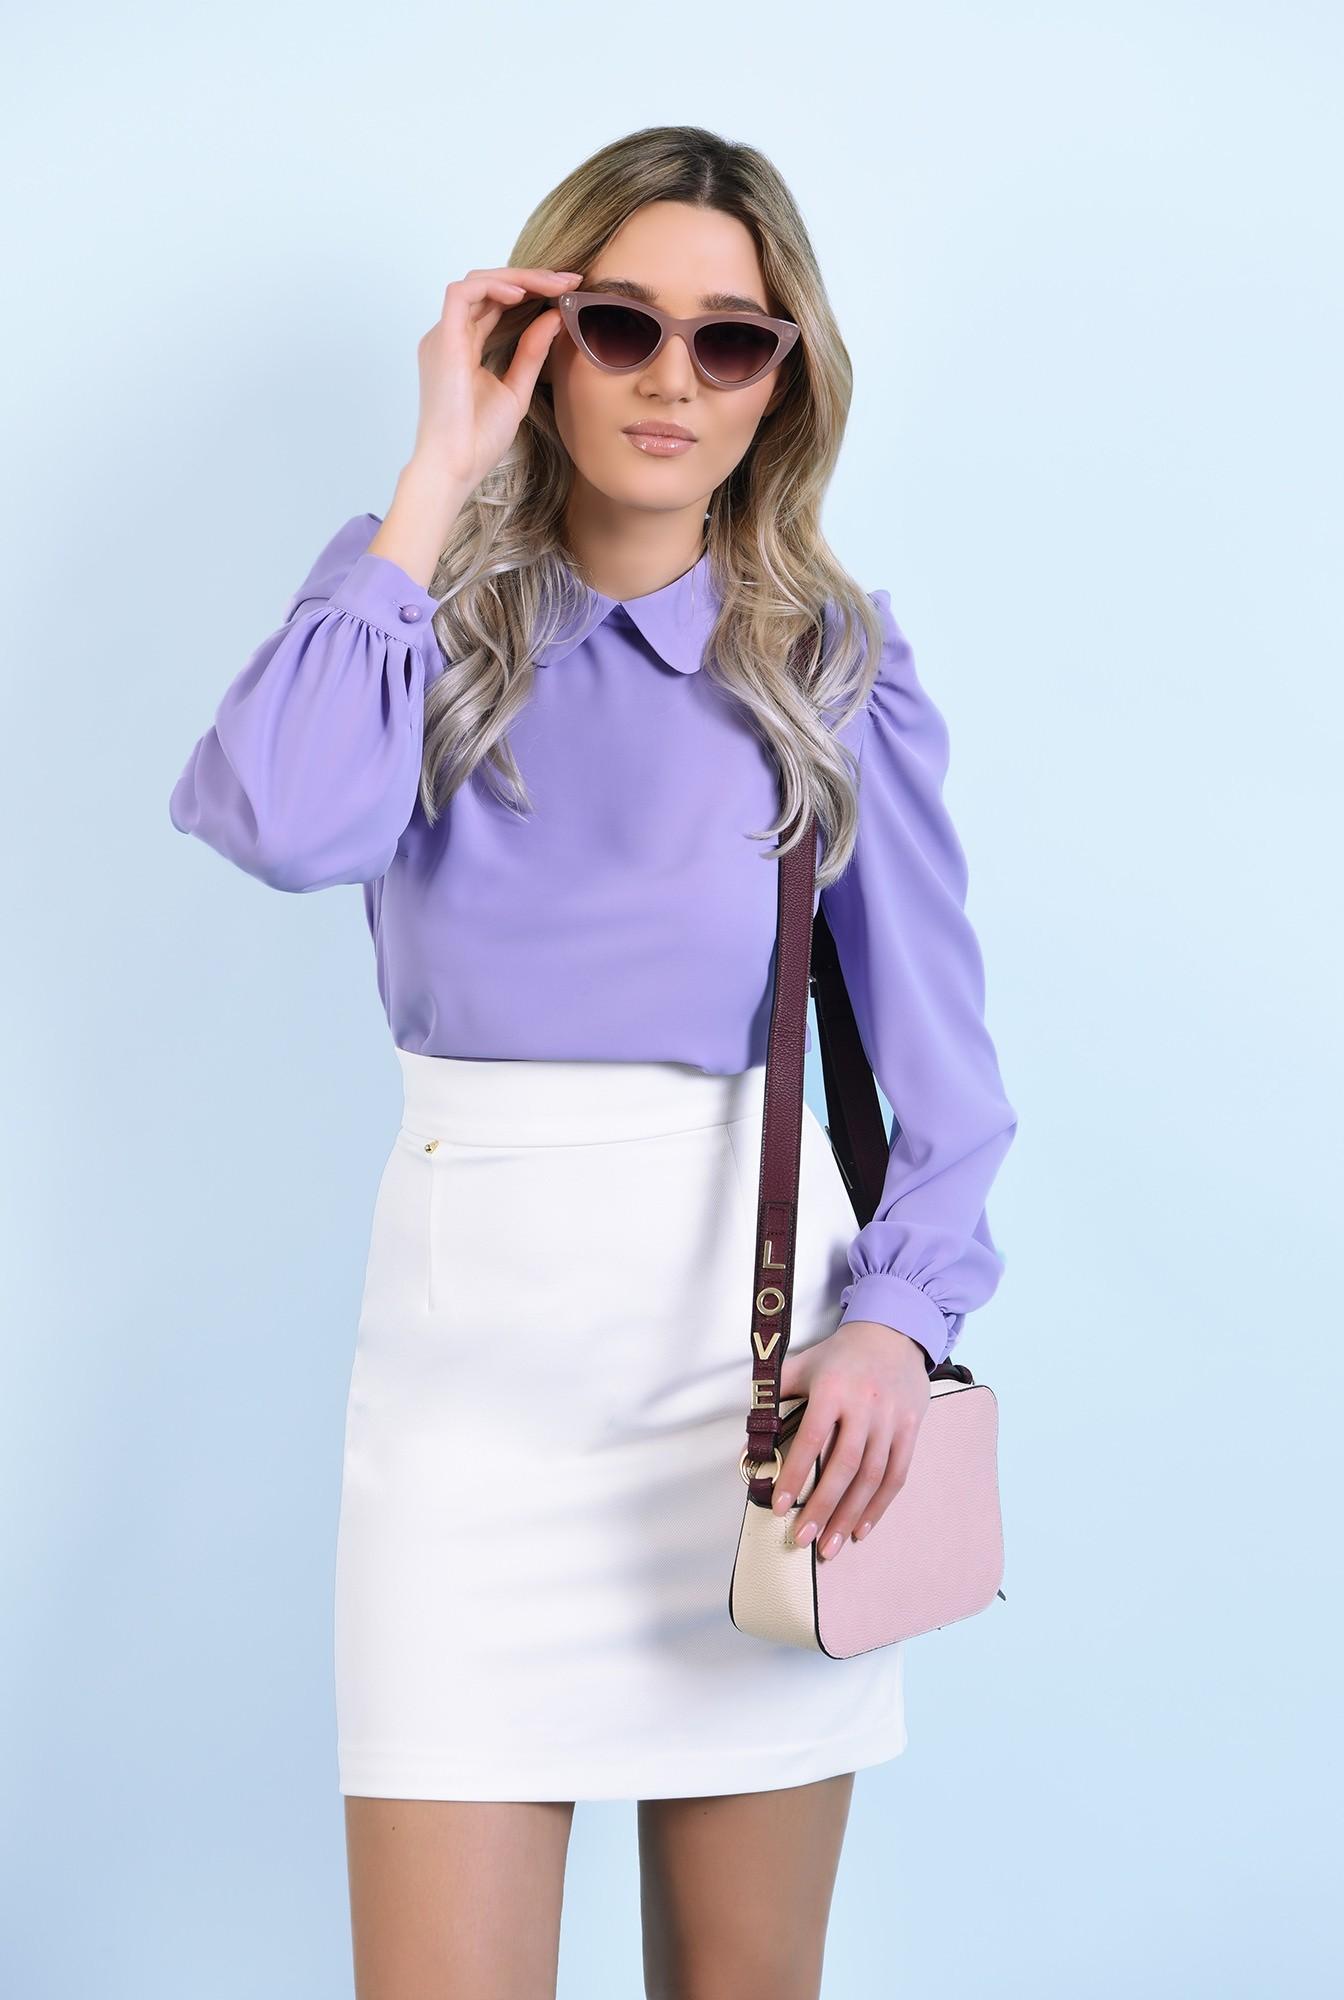 0 - 360 - bluza casual, lila, cu guler rotunjit, maneci lungi, inchidere cu butoniera